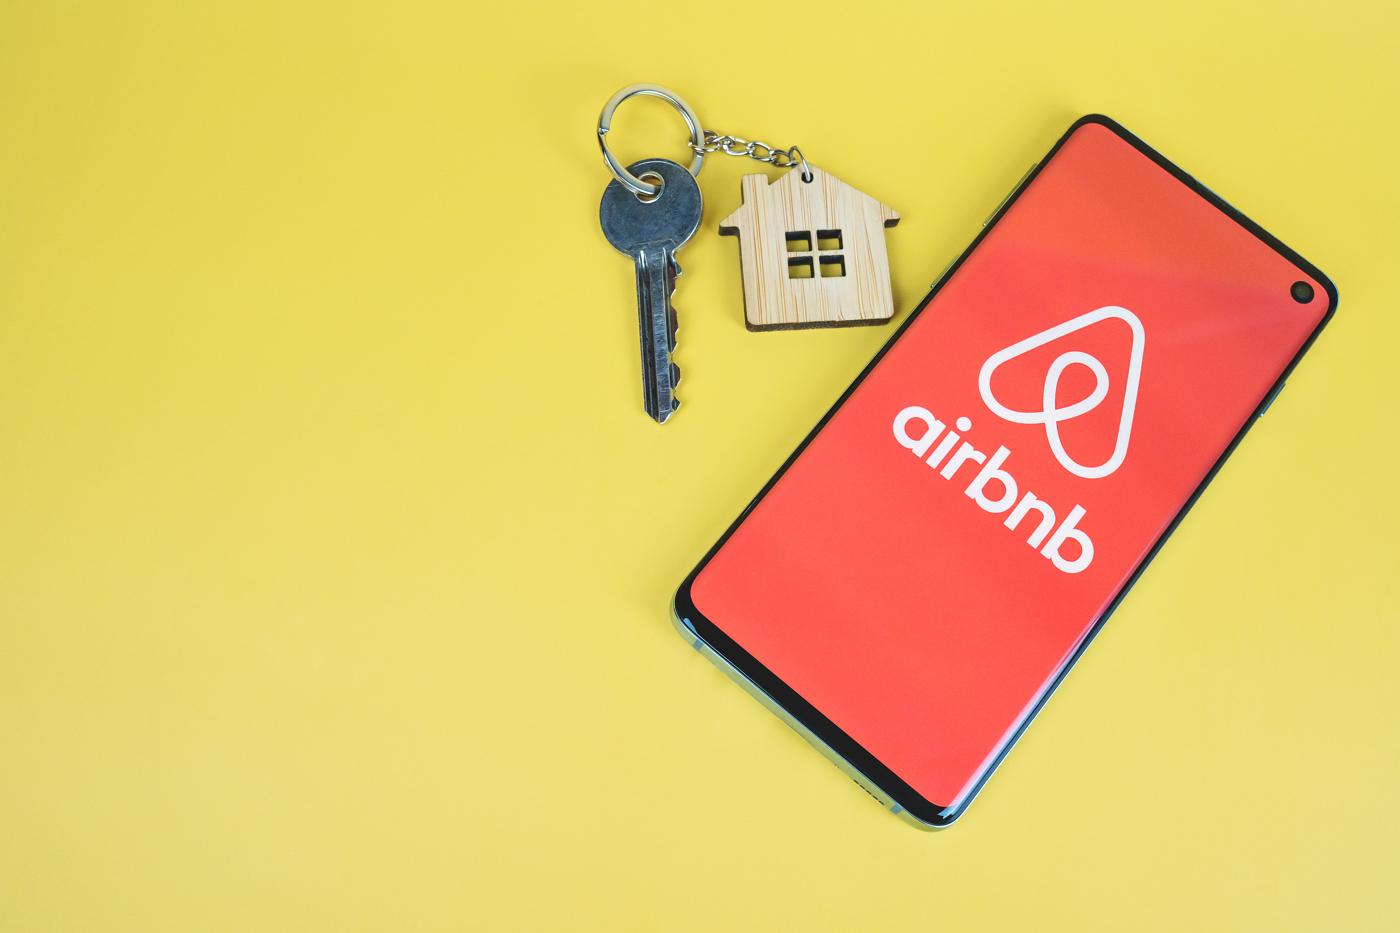 Airbnb stock, ABNB stock, Airbnb stock news, ABNB stock price